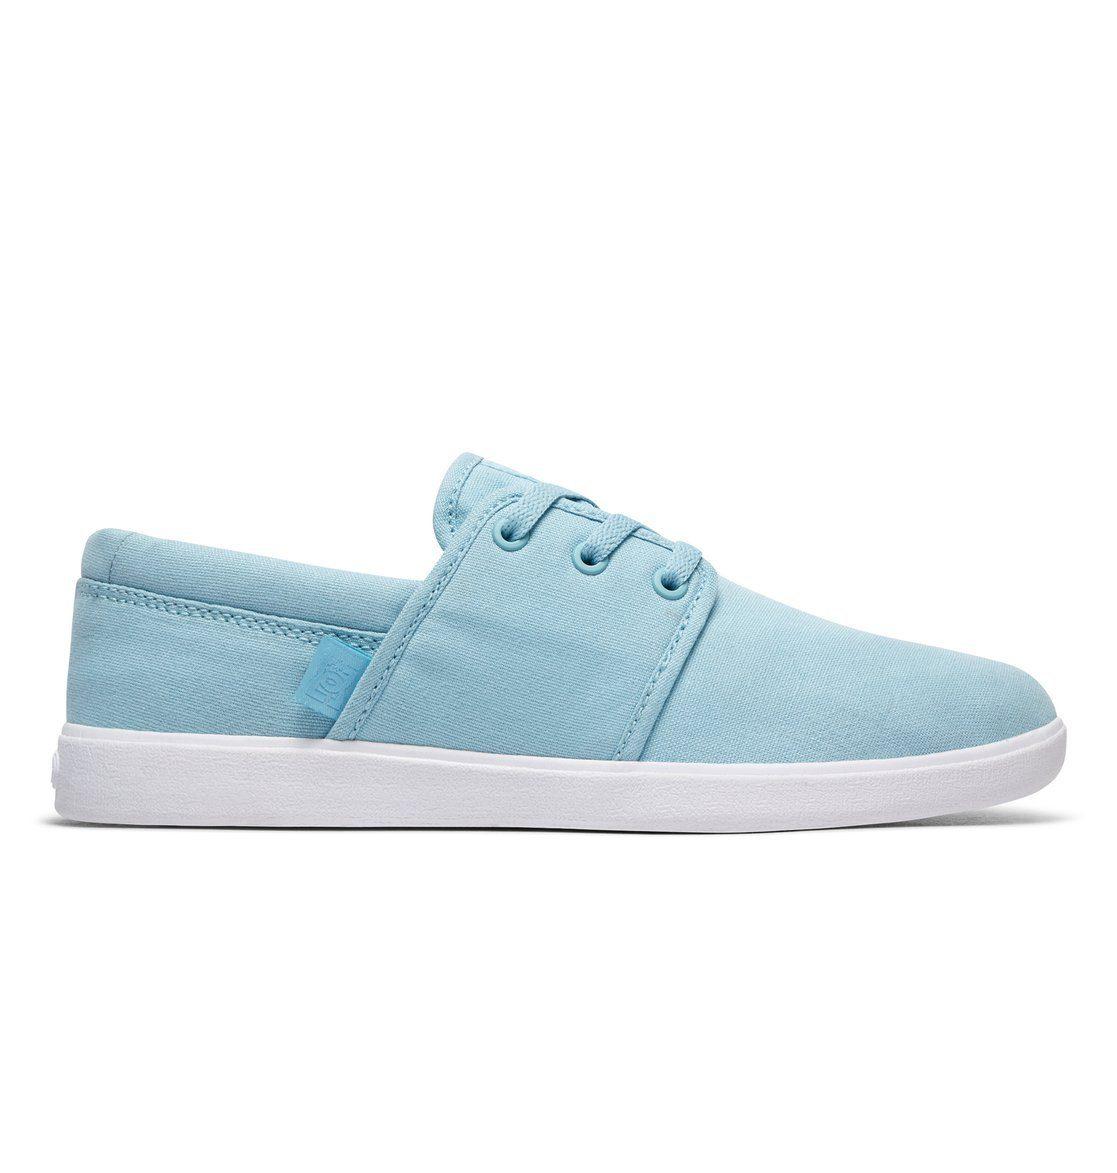 DC Shoes Schuhe Haven TX online kaufen  Light blue